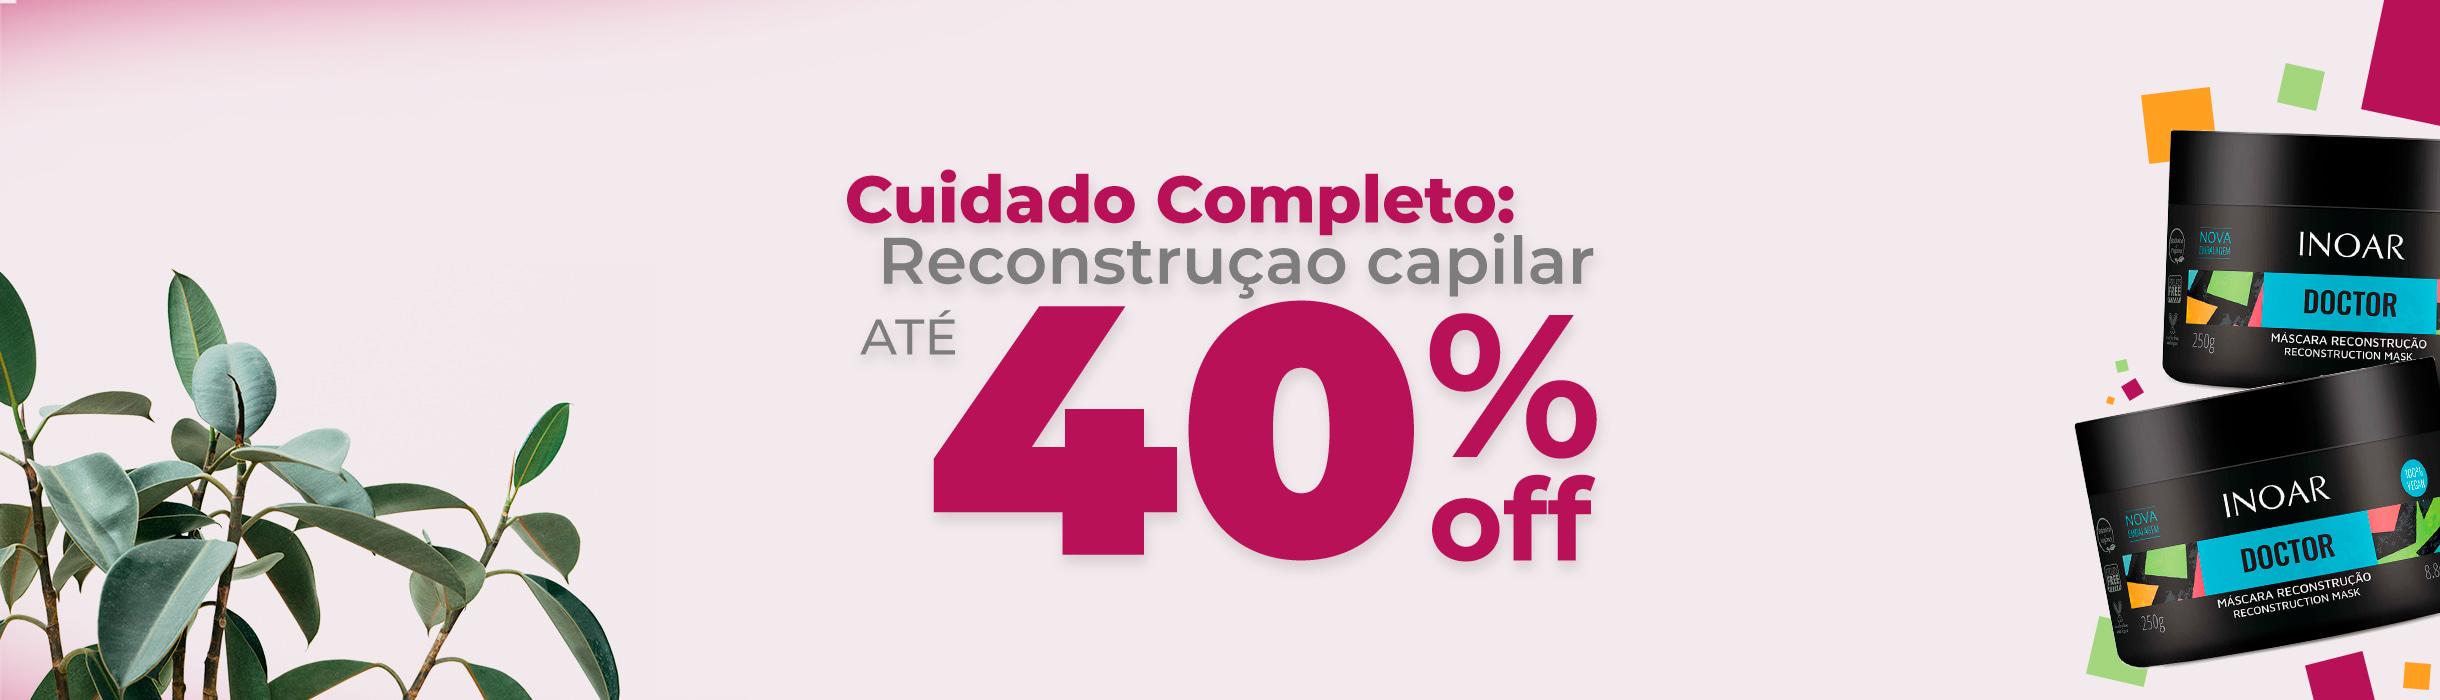 Reconstrução capilar até 40% OFF